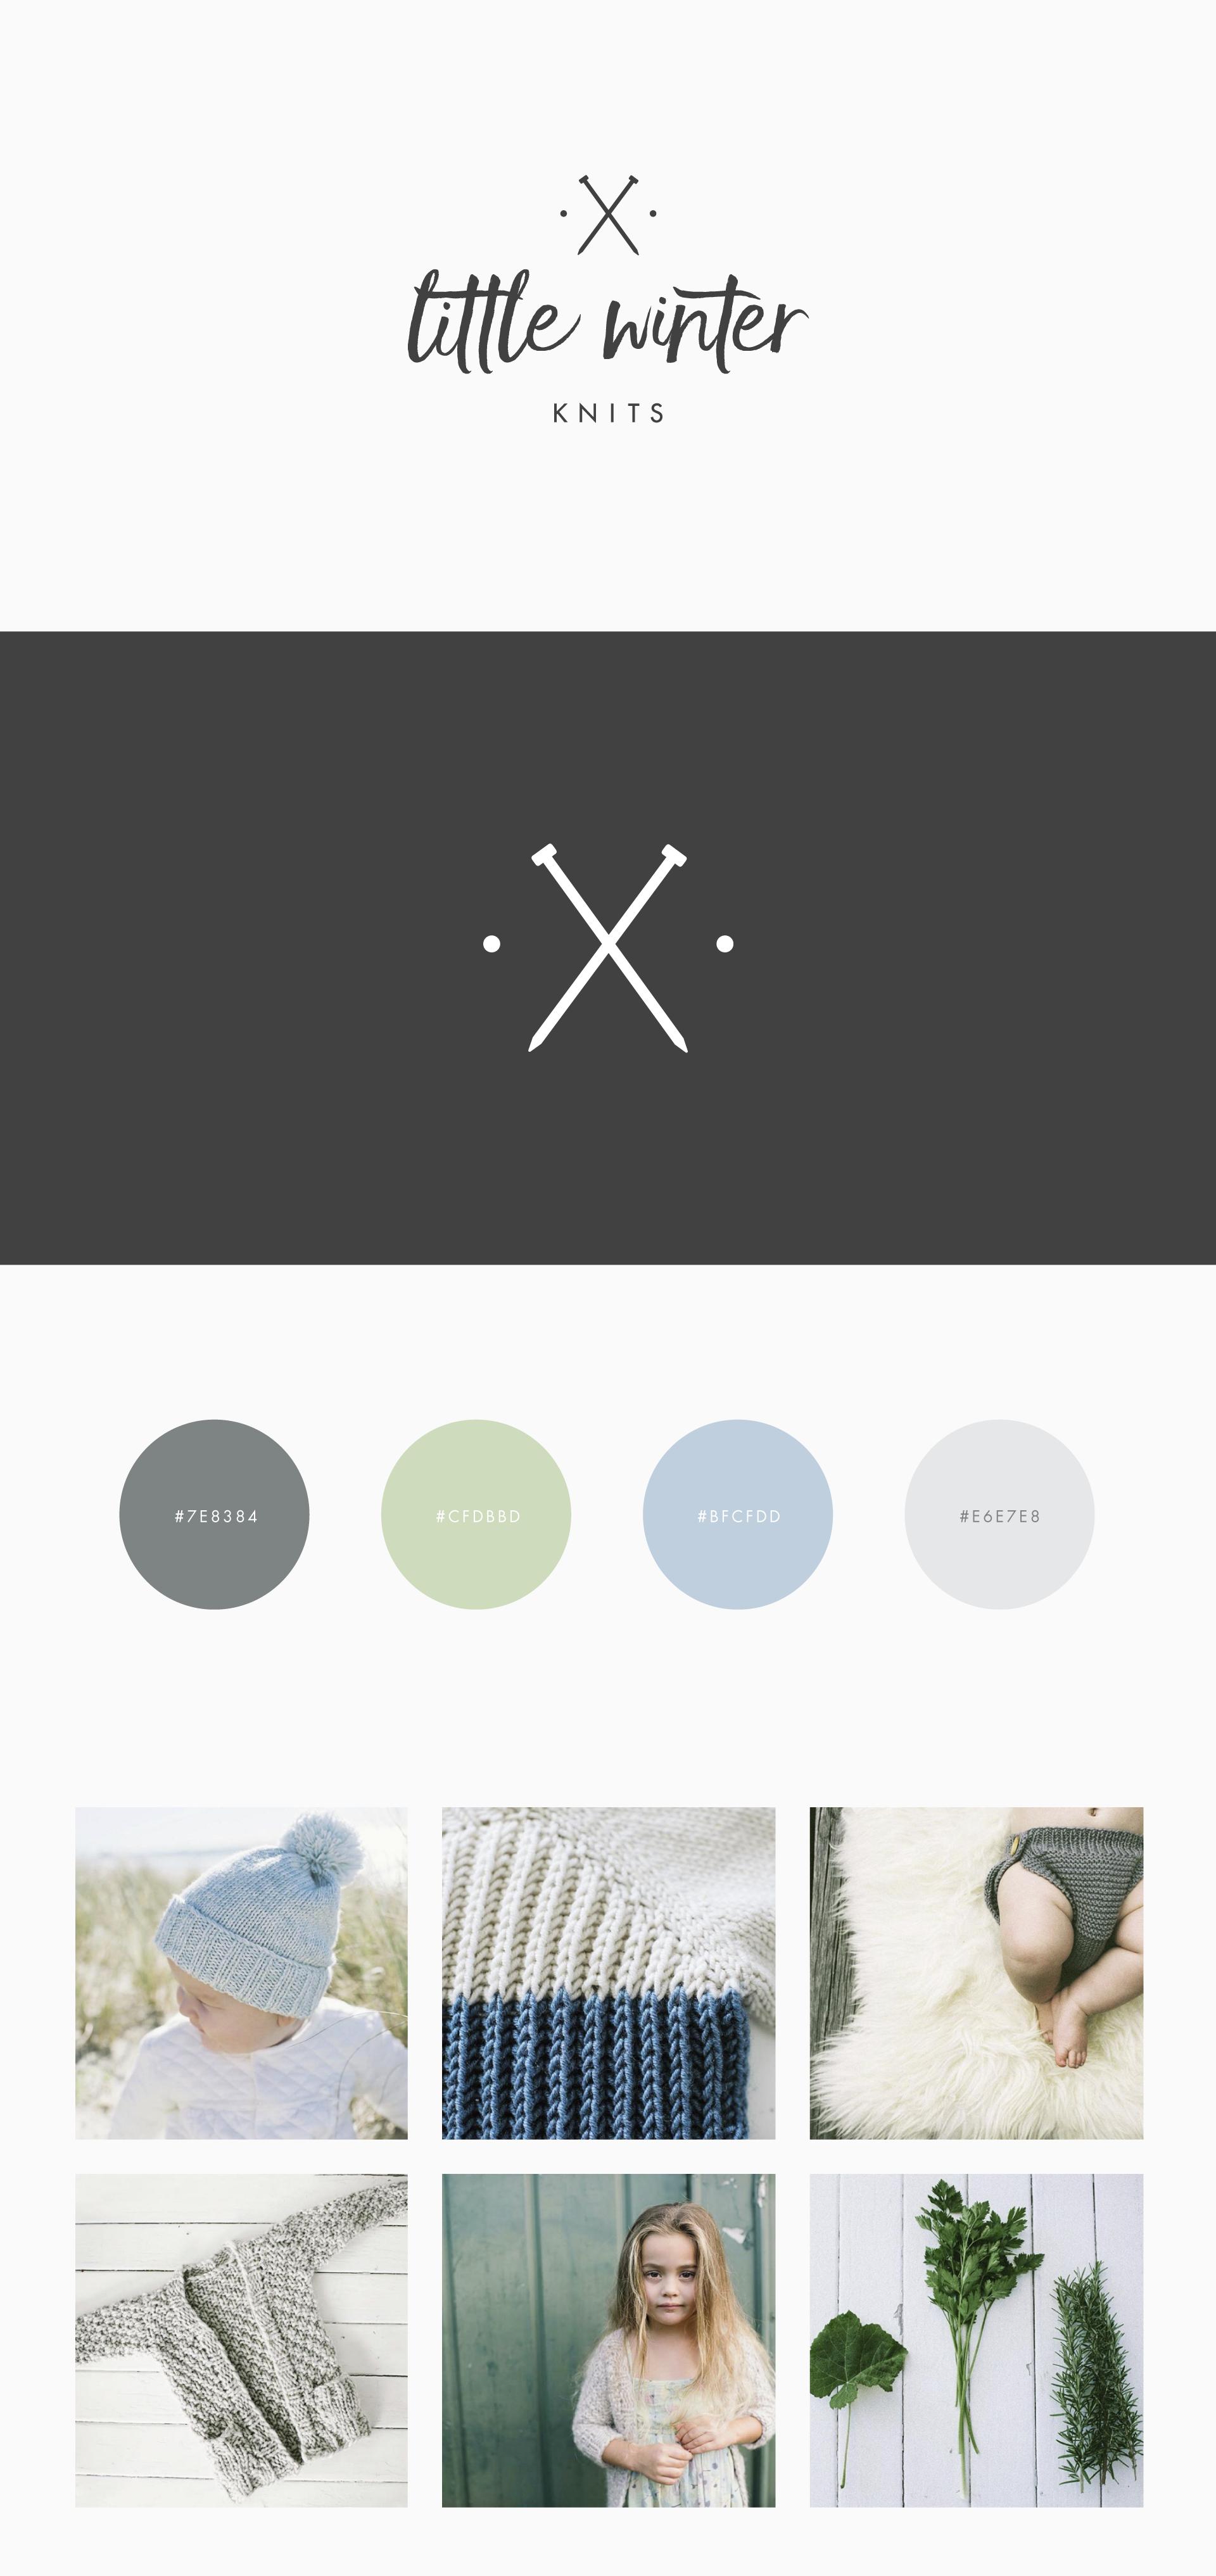 Raewyn Brandon graphic design - Little Winter Knits brand design